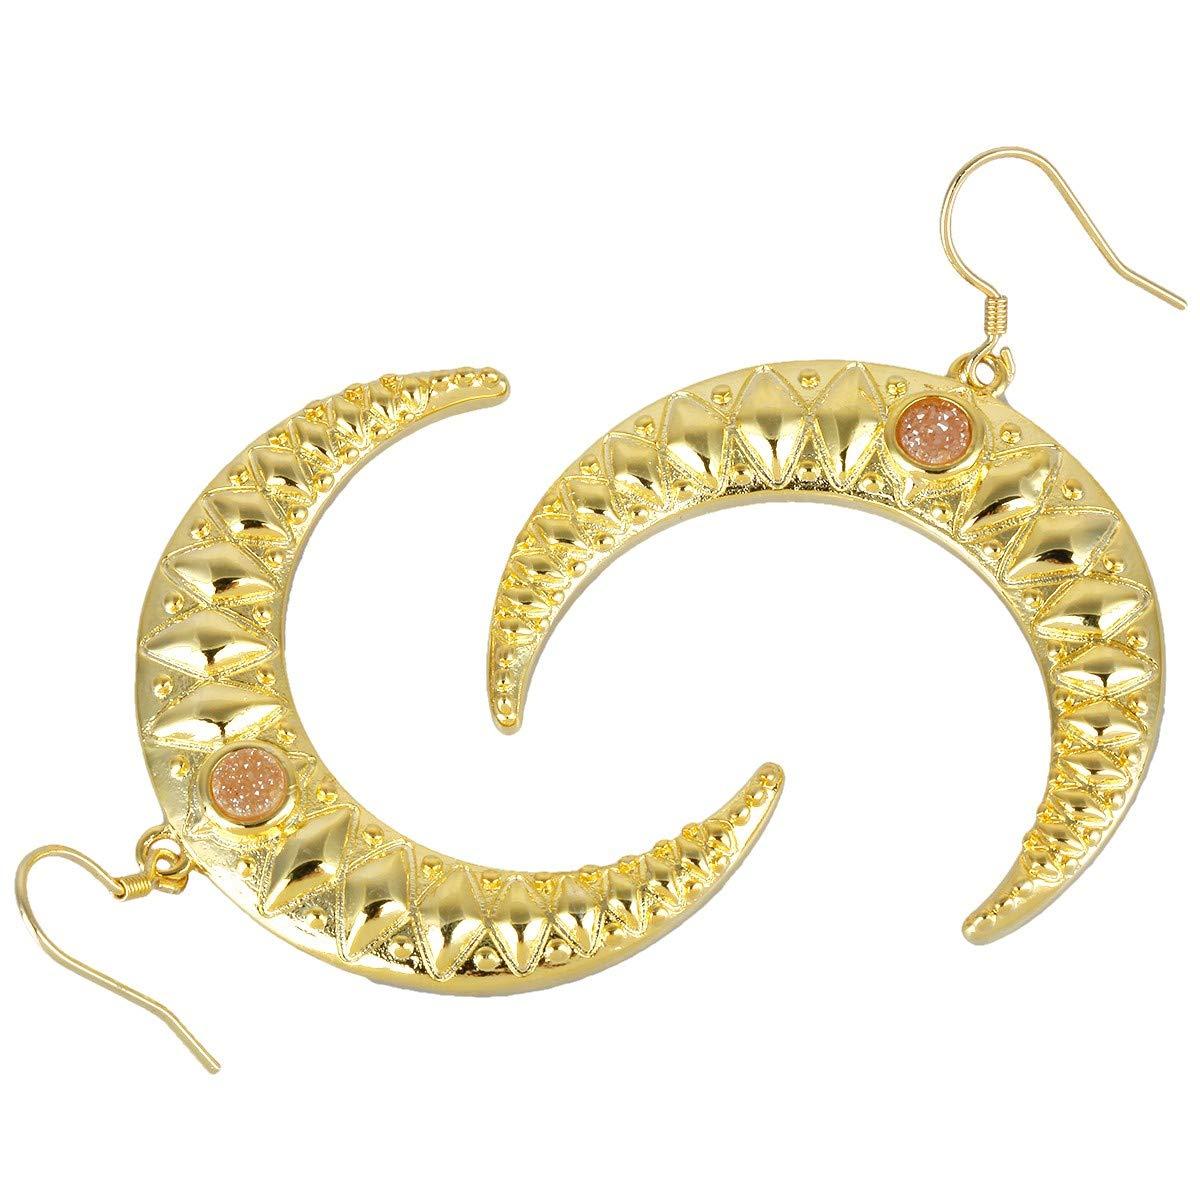 Nupuyai Druzy Crystal Crescent Moon Drop Earrings for Women Double Horn Dangle Hook Earrings for Girls